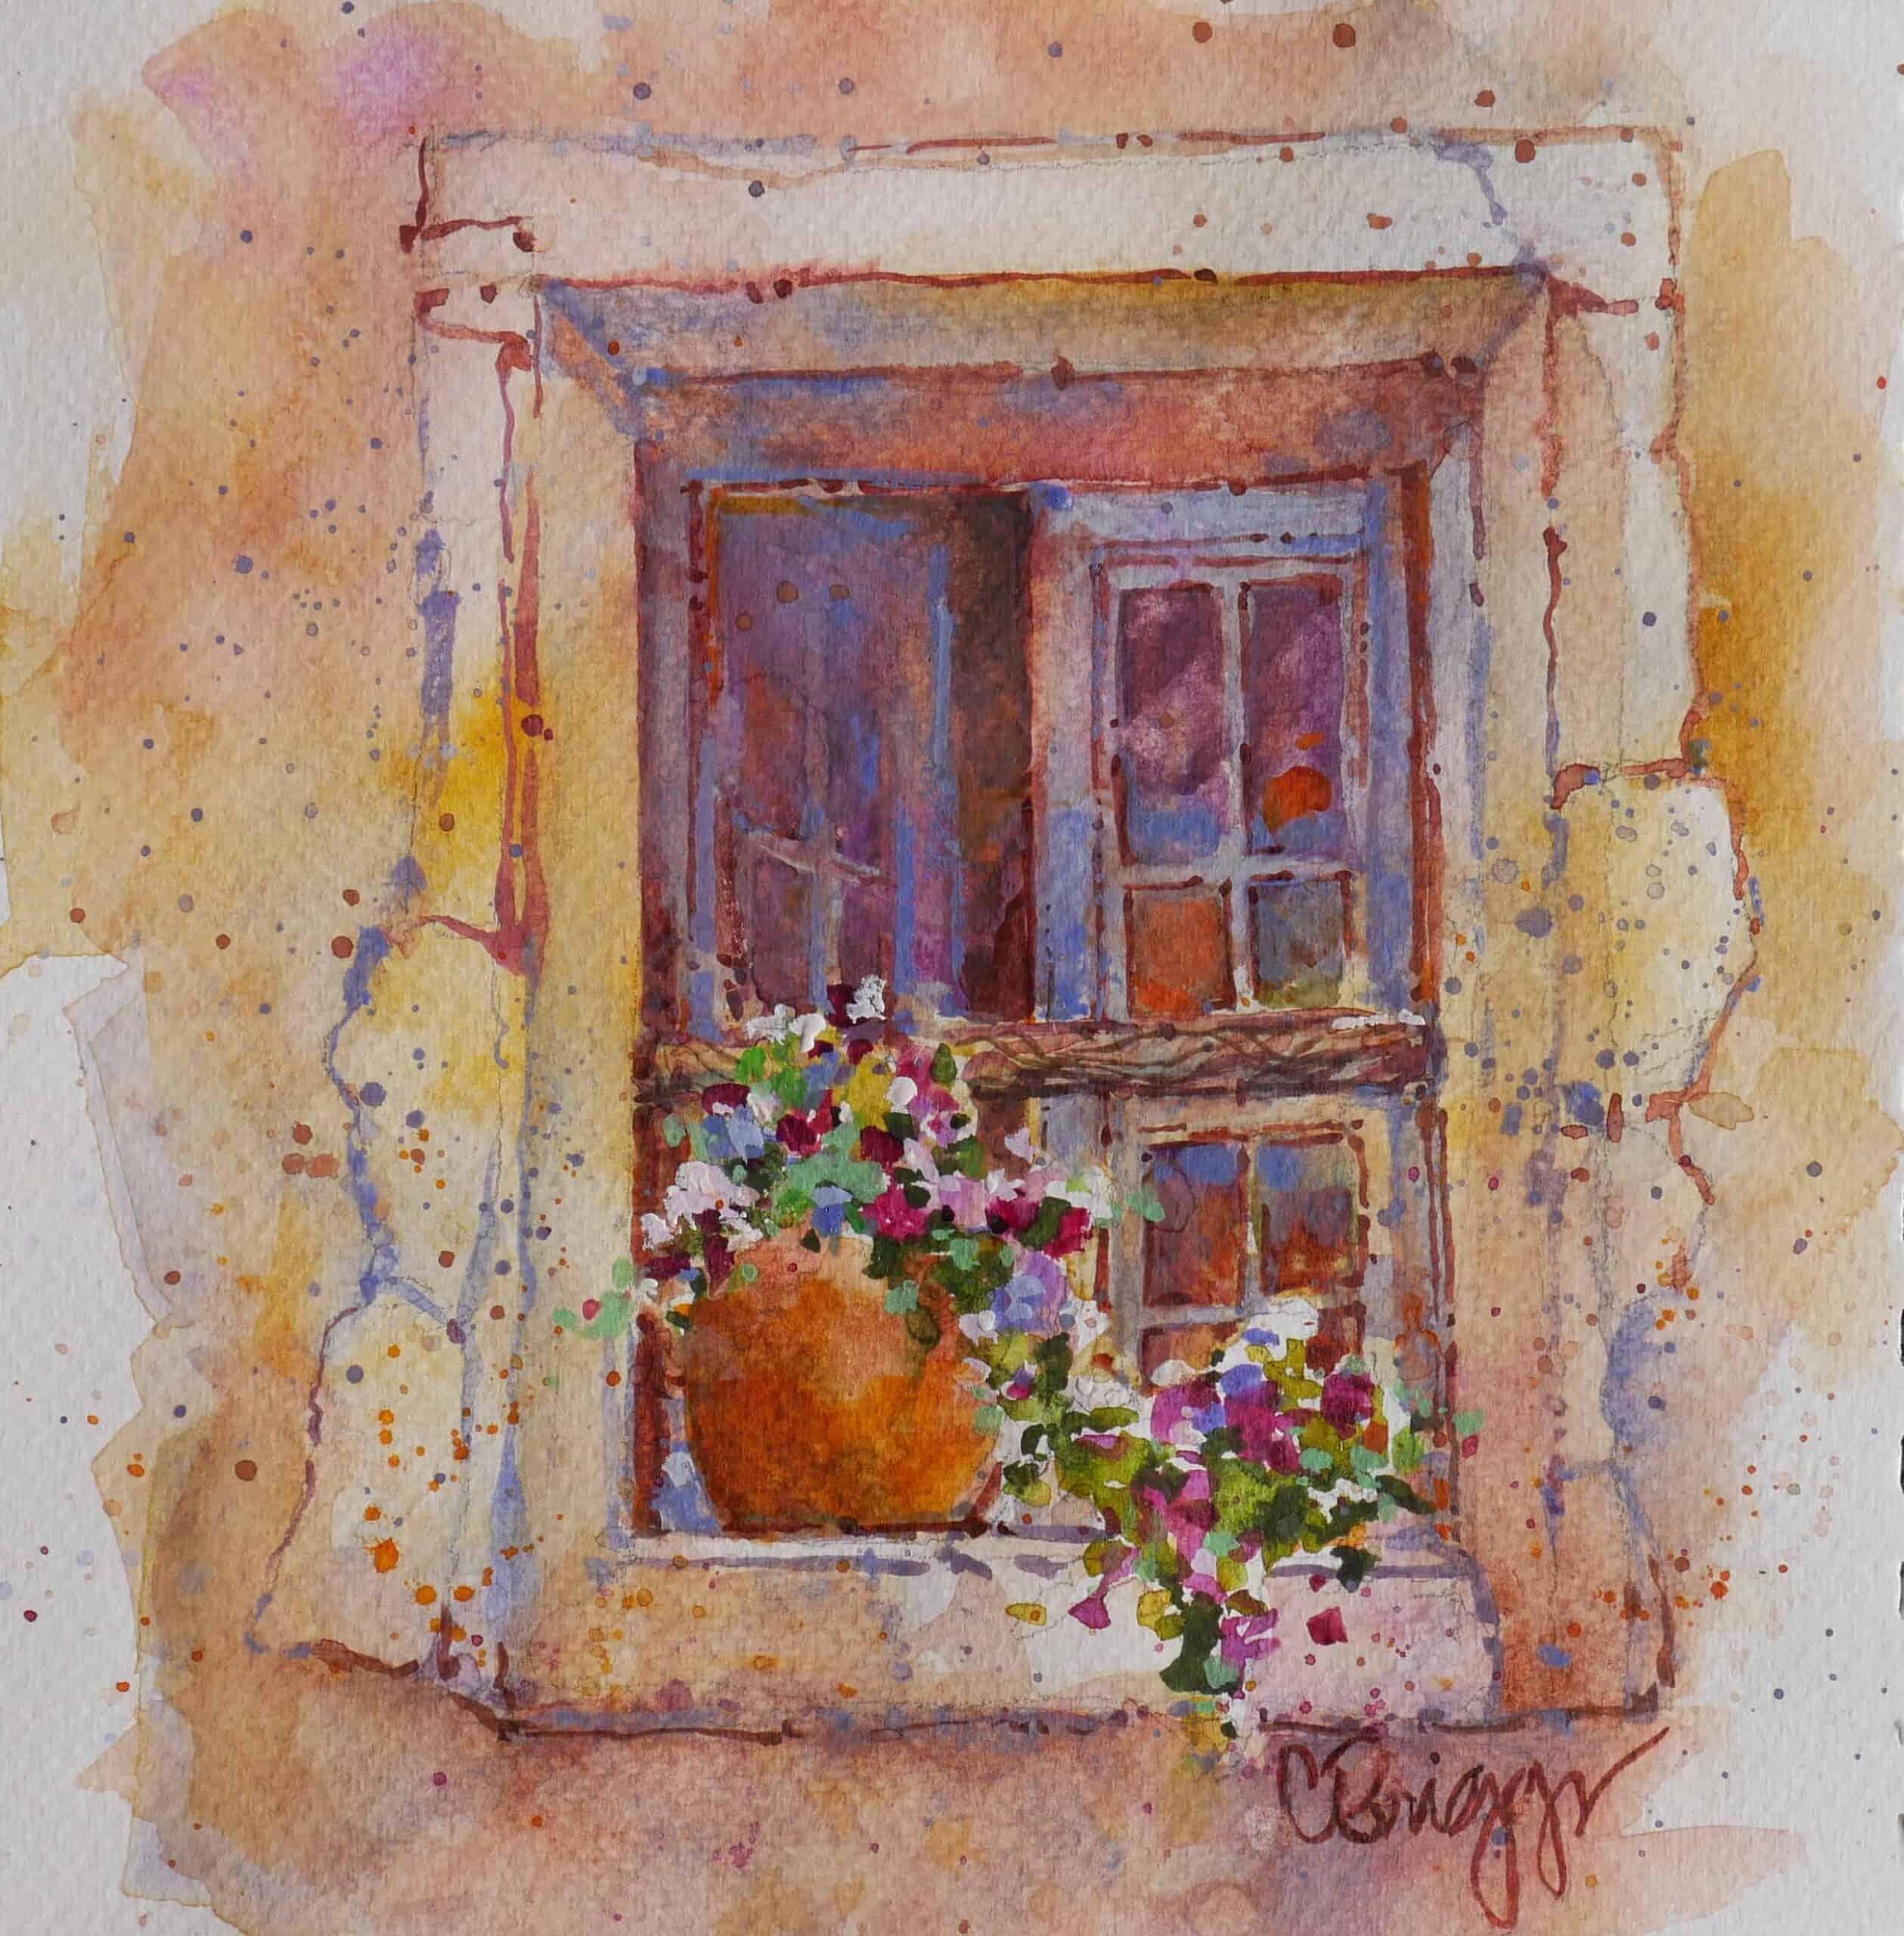 Le Baux, Le Baux Window